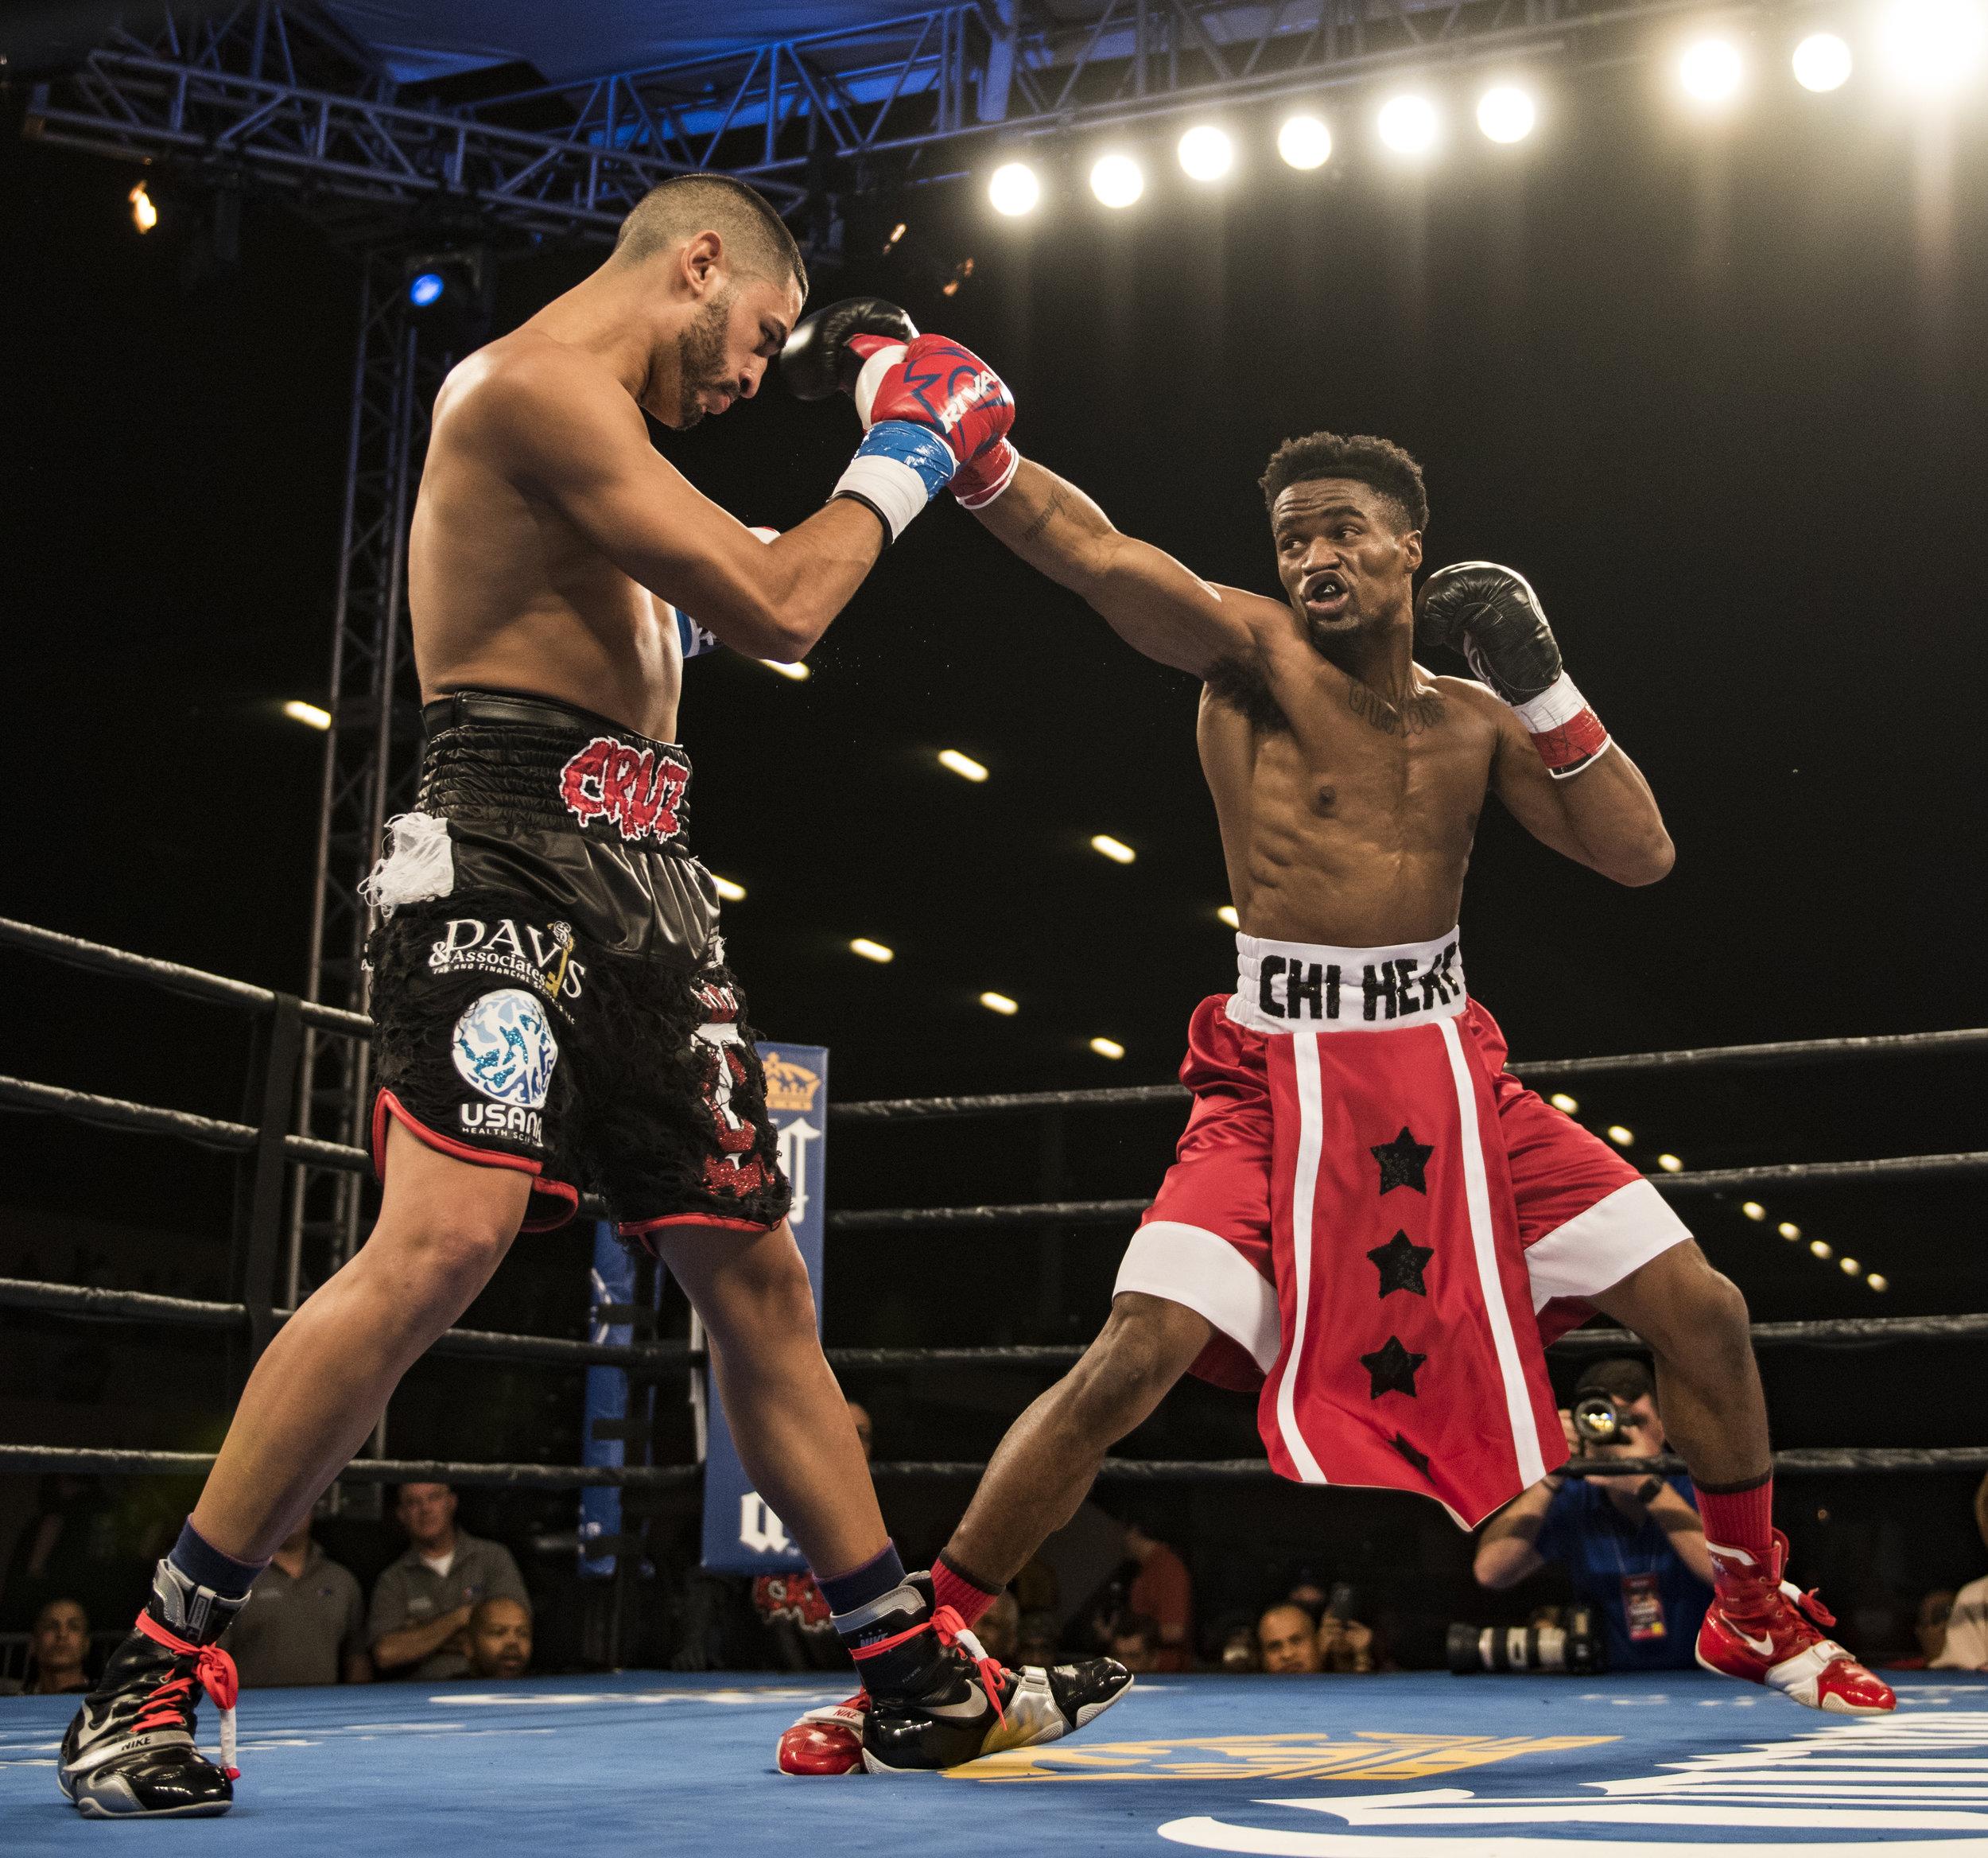 Alex Martin throws a jab in his fight against Robert Daniels Jr. at Hialeah Casino Park.